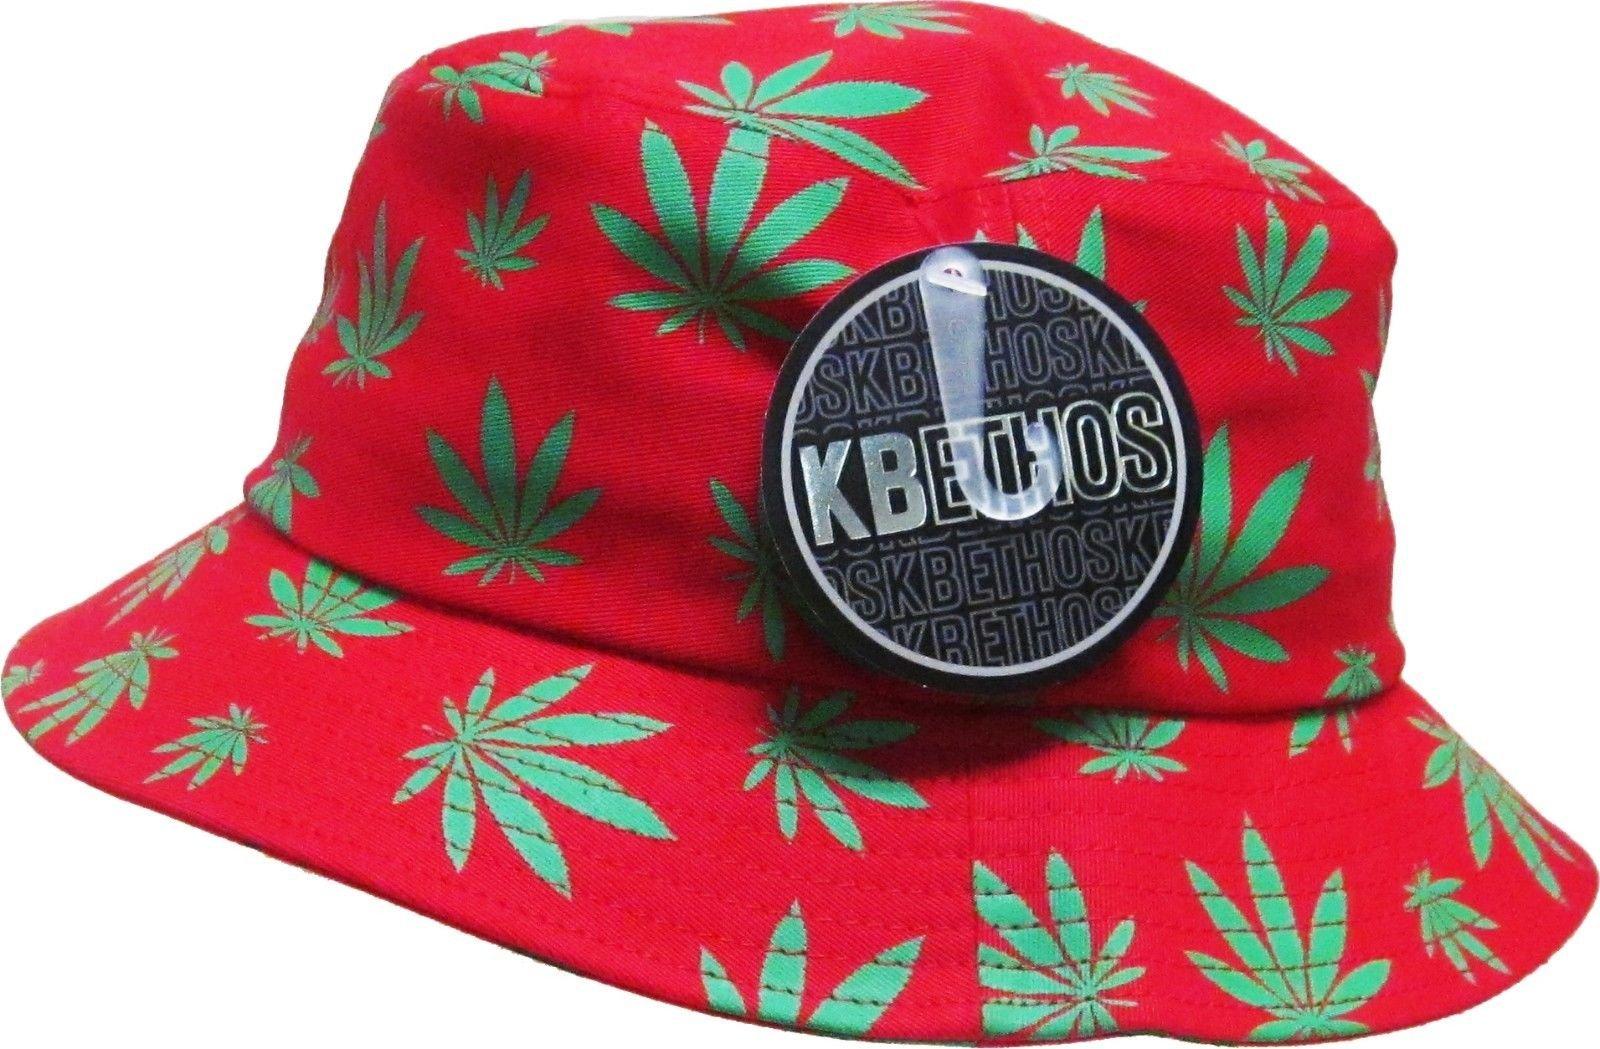 Red & Green Weed Leaf Marijuana Bucket Hat